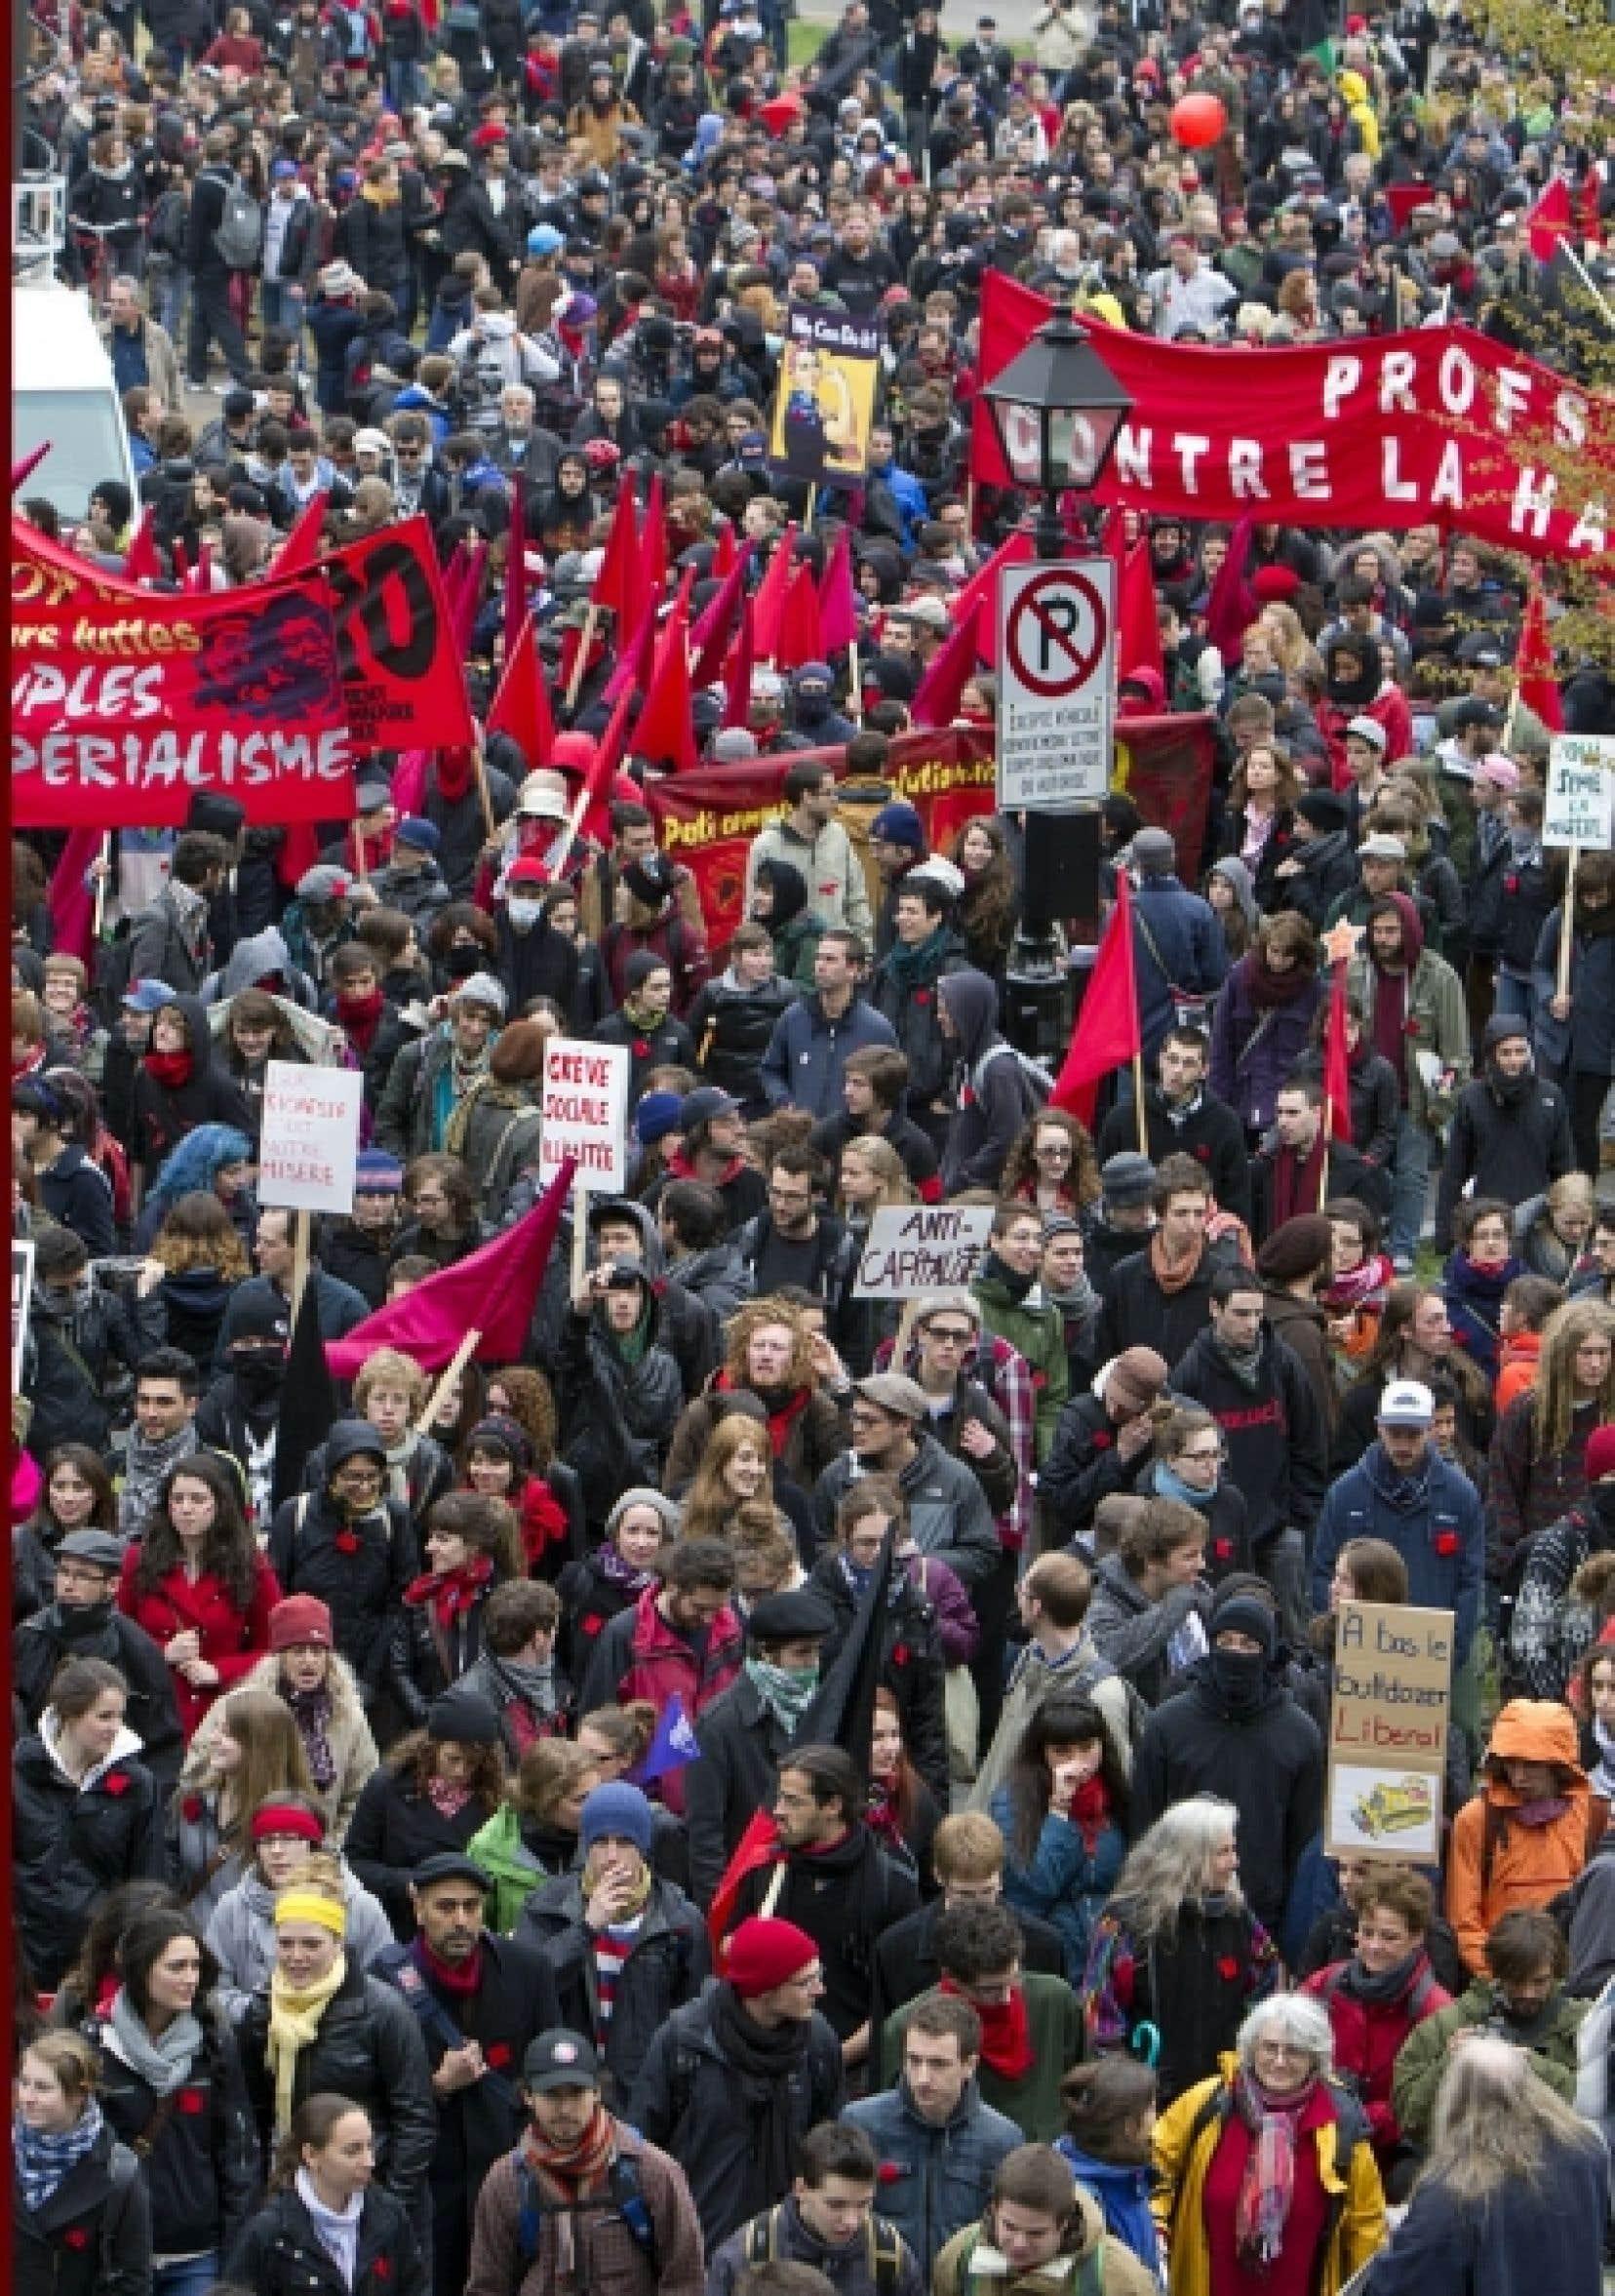 L'entente de la fin de semaine entre le gouvernement et les associations étudiantes est survenue après des semaines de grèves étudiantes et de manifestations.